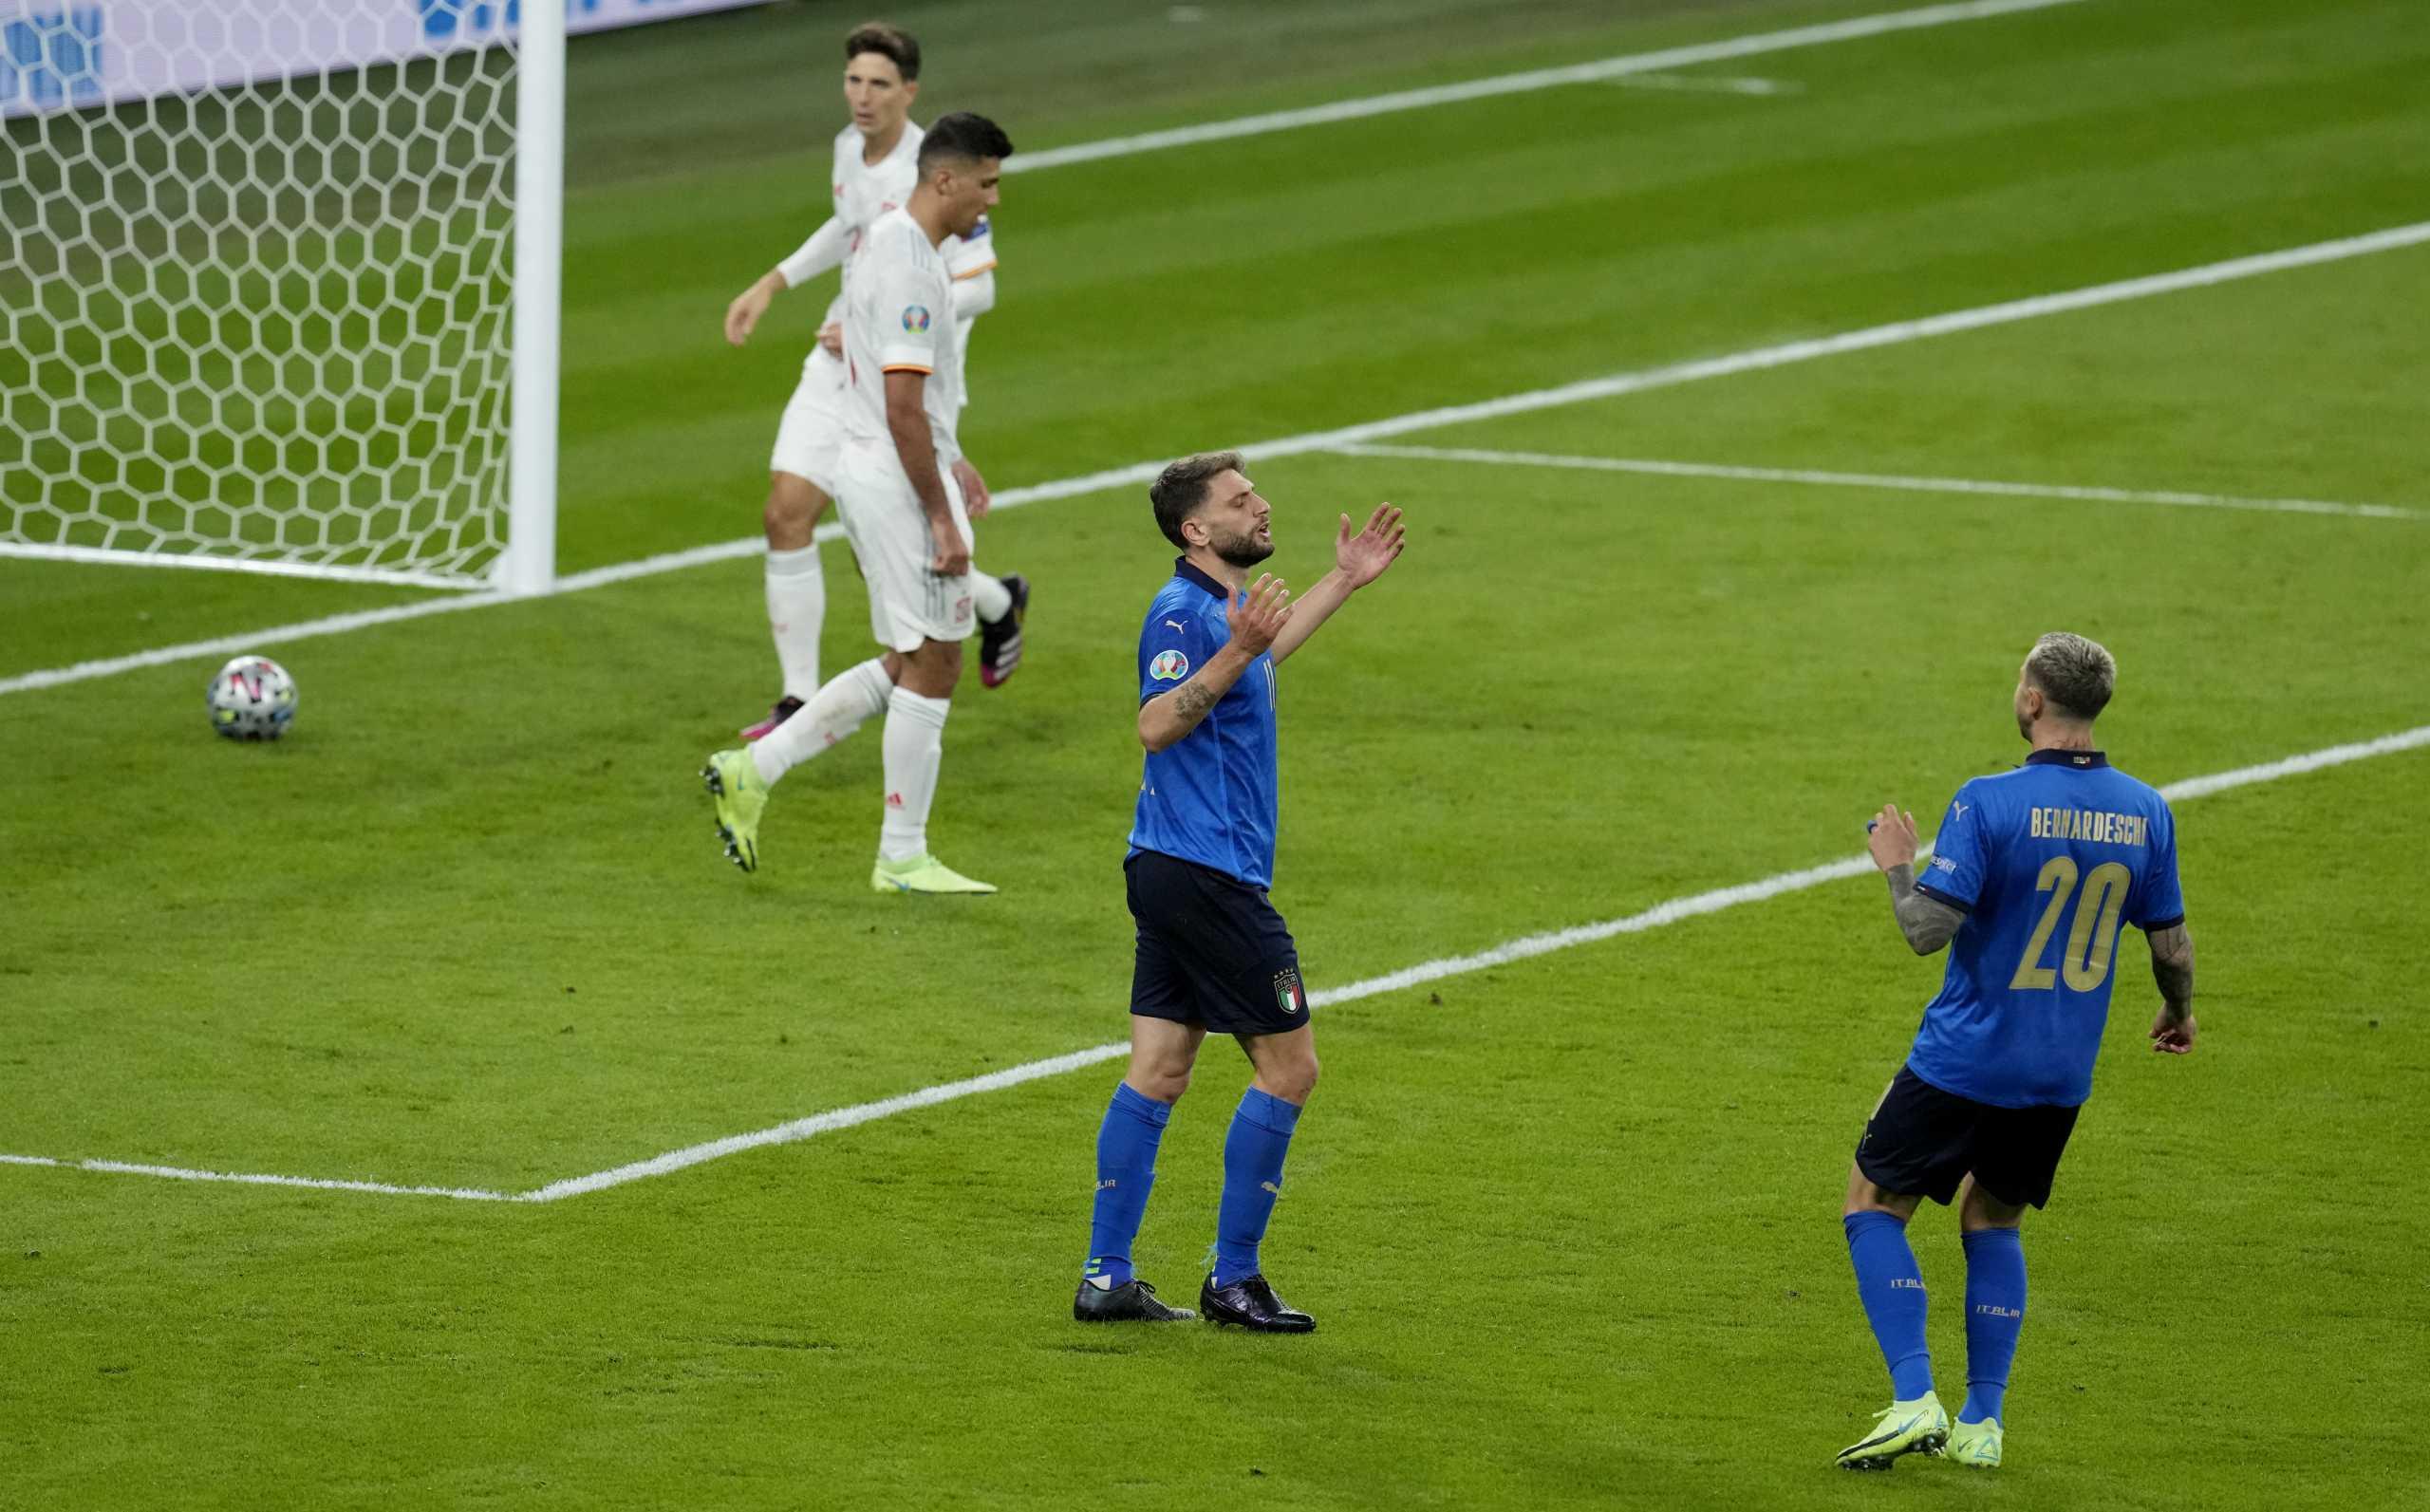 Euro 2020, Ιταλία – Ισπανία: Οφσάιντ ο Μπεράρντι, άκυρο το γκολ